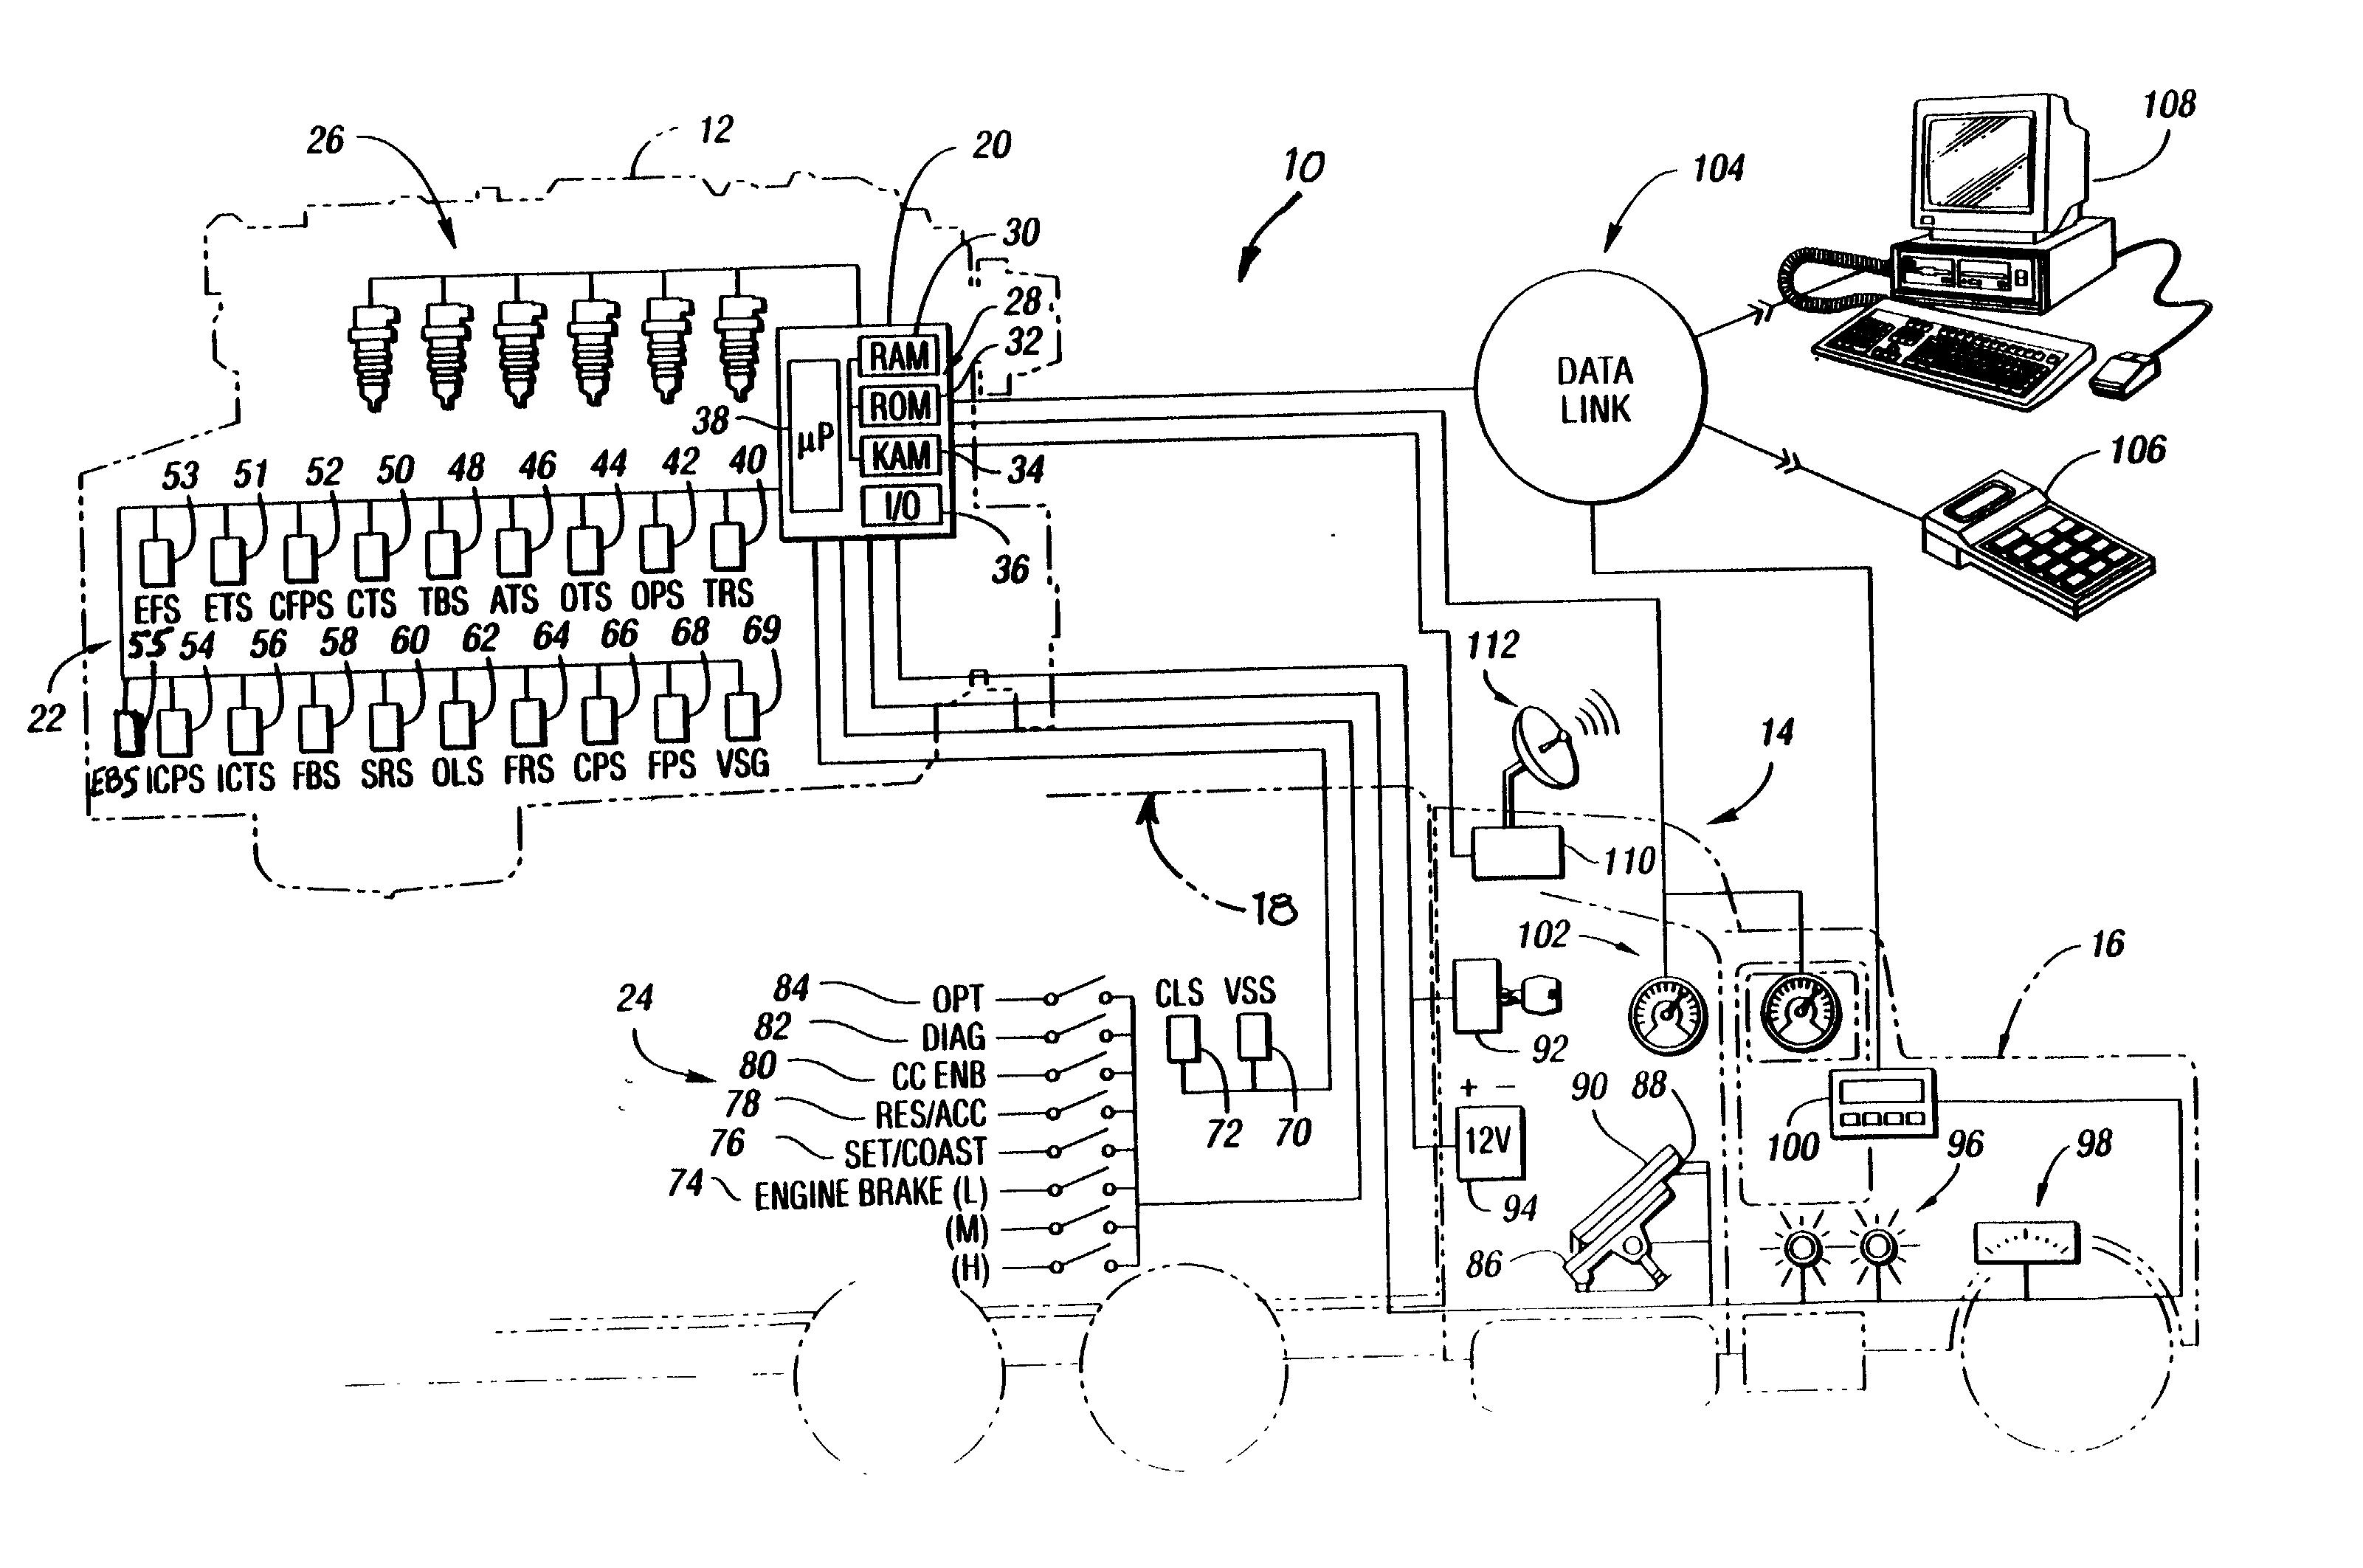 Bestseller: Diagnosing Ford Vsg Engines